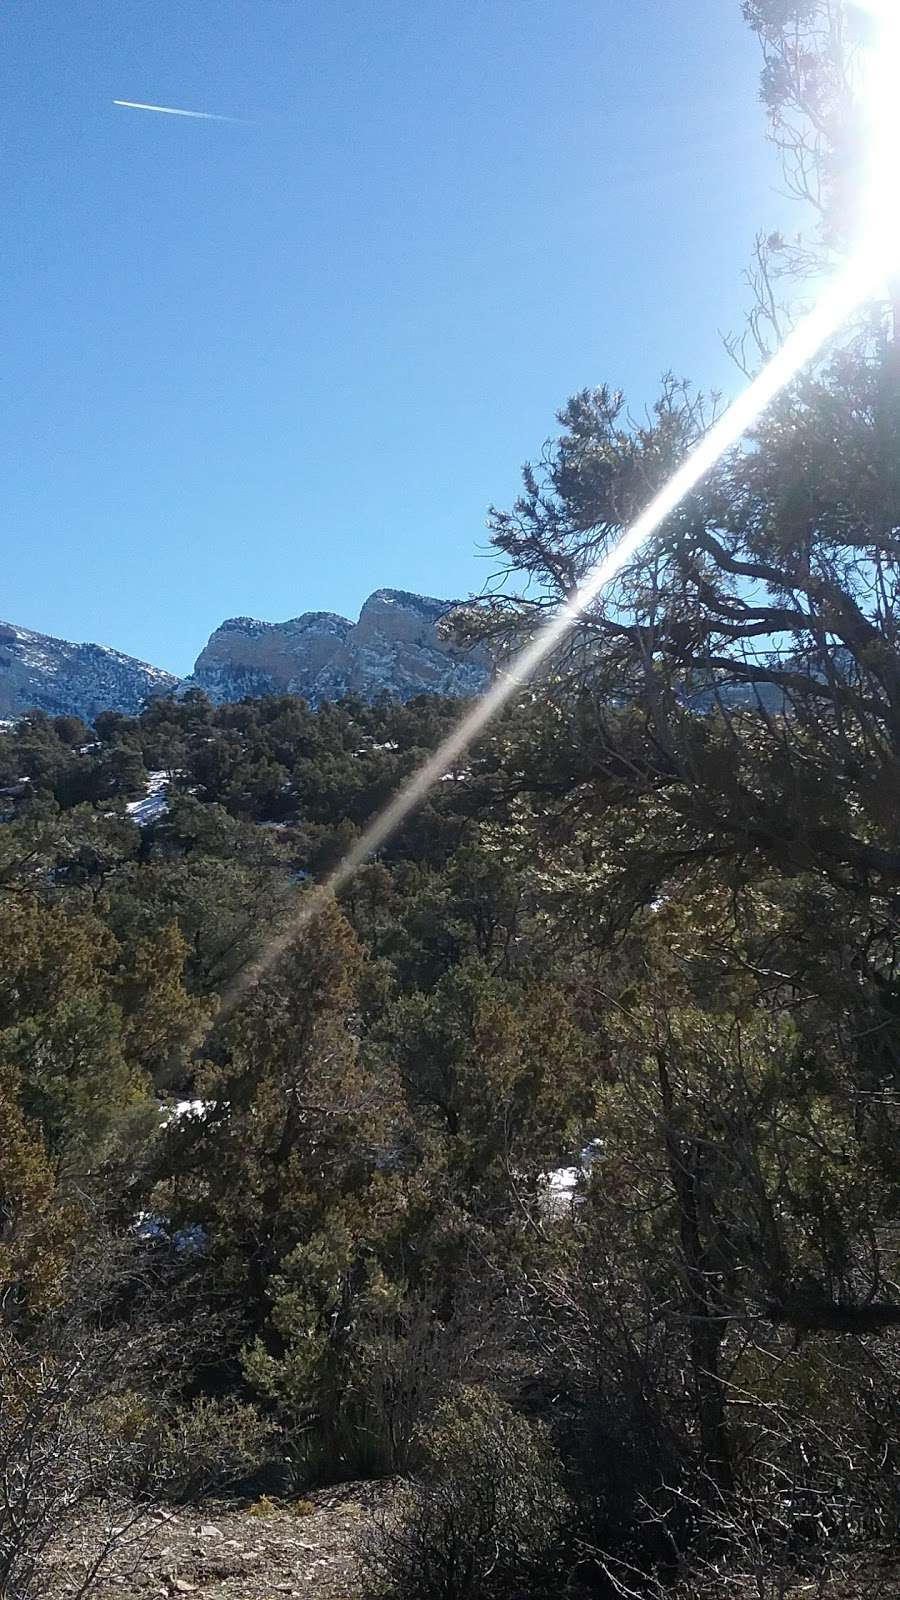 Camp Potosi Park - park    Photo 7 of 10   Address: 11480 Mount Potosi Canyon Rd, Las Vegas, NV 89124, USA   Phone: (702) 455-8200